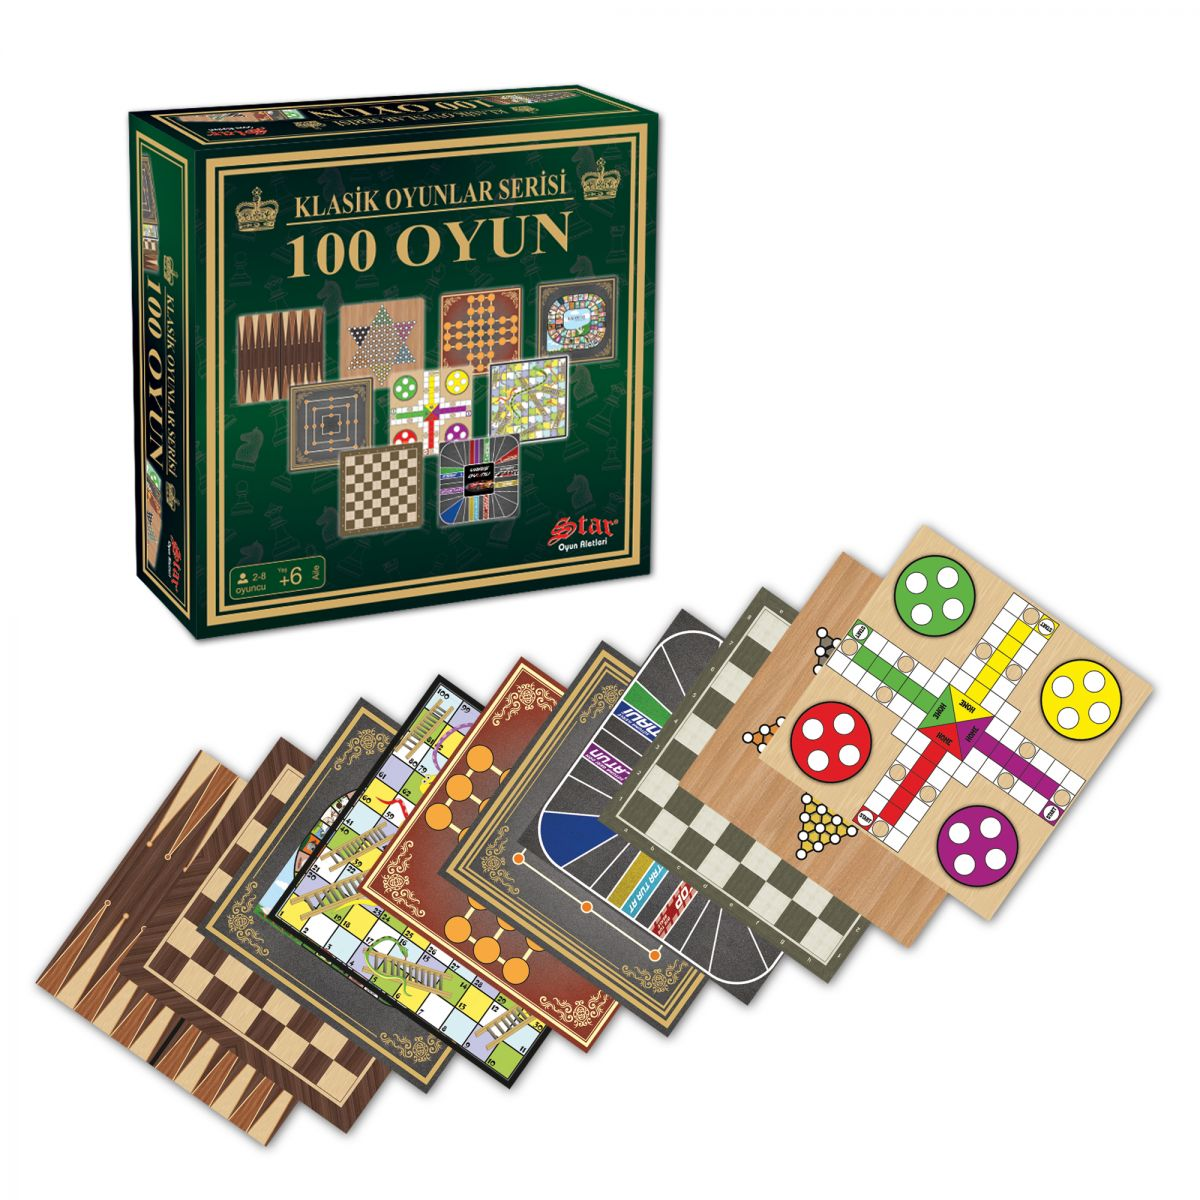 100 Classic Oyun